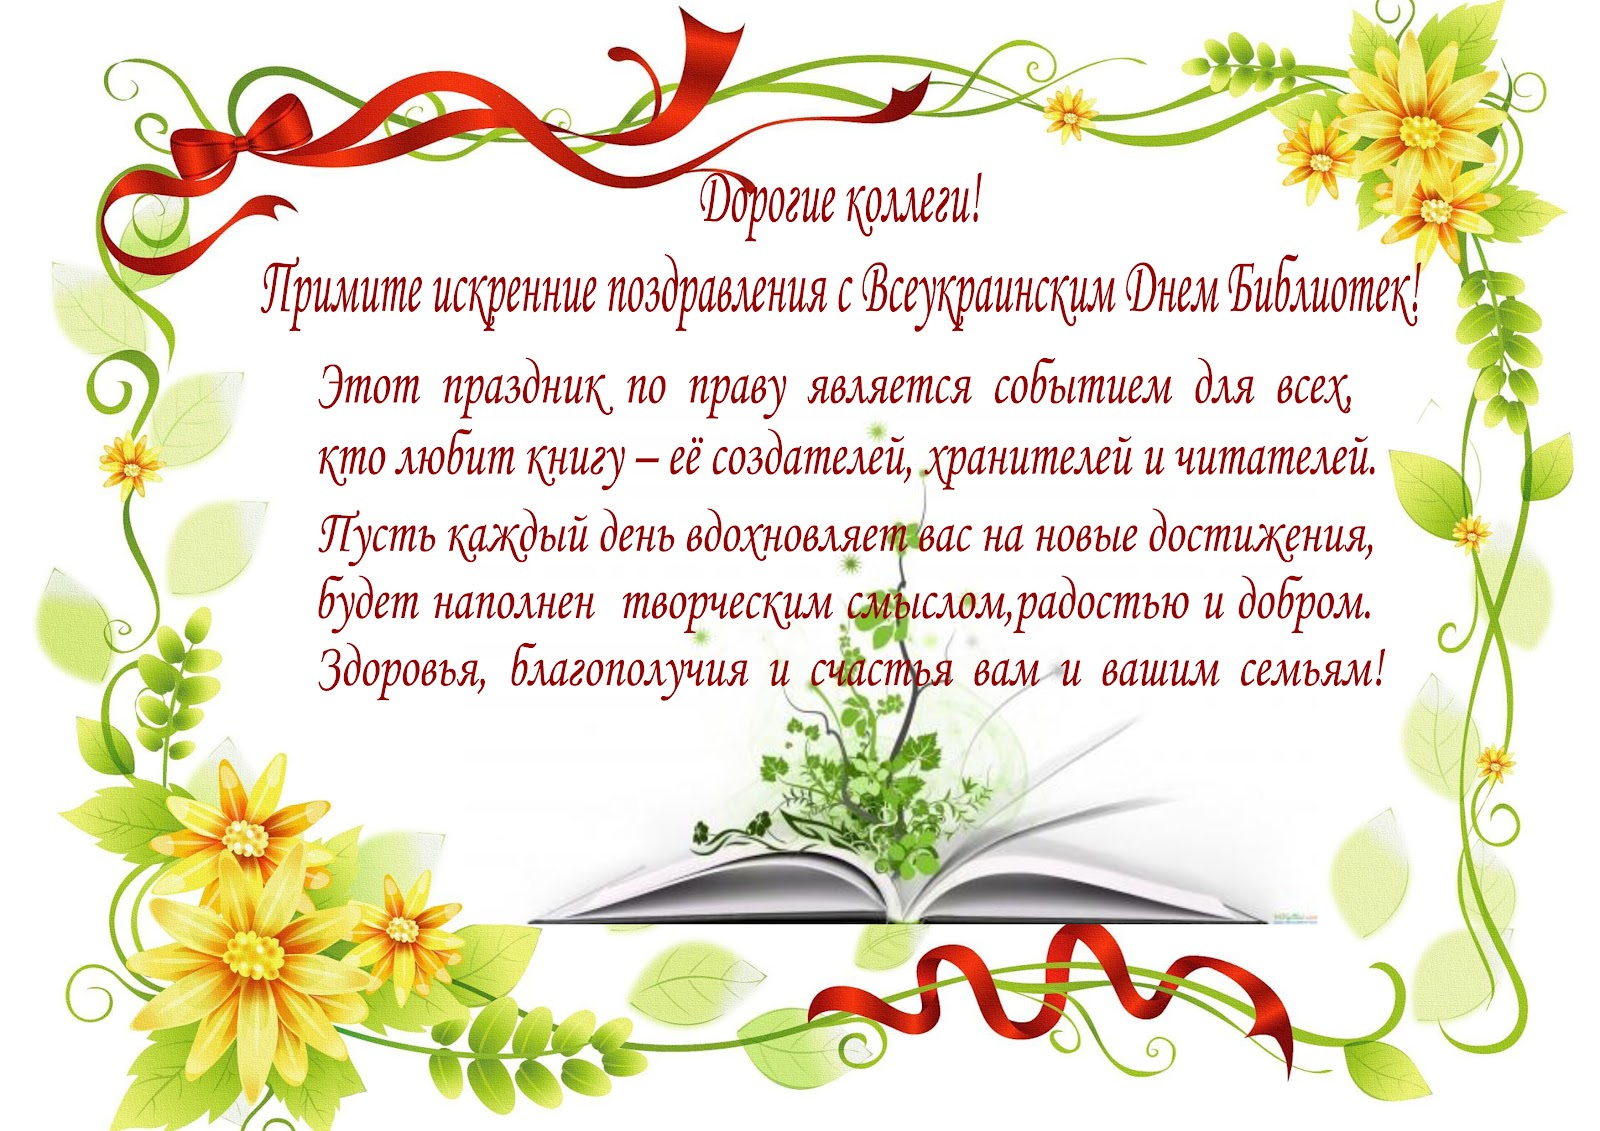 Поздравление с днем библиотекаря от губернатора